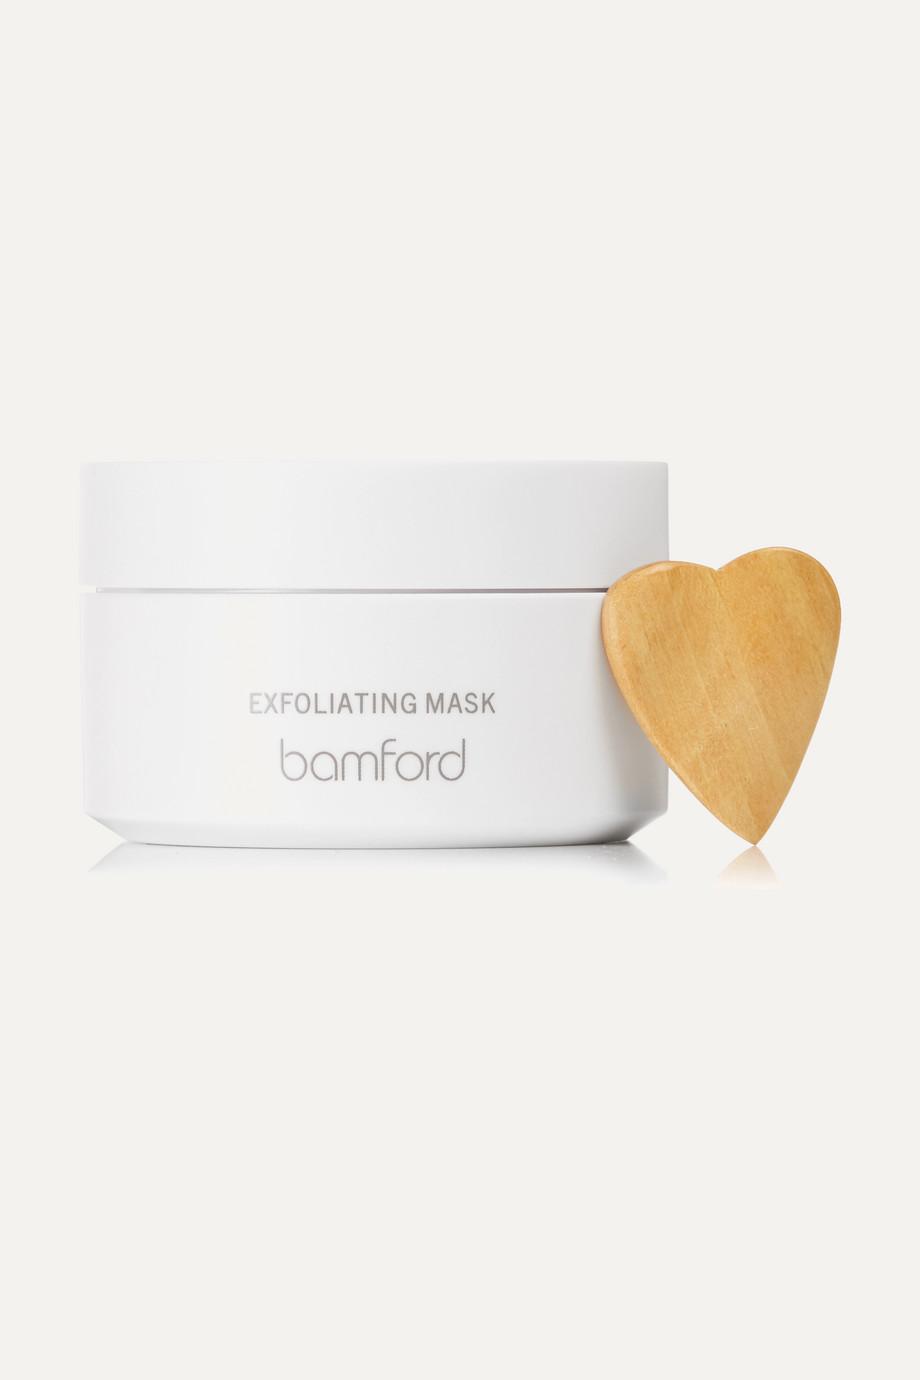 Bamford Exfoliating Mask, 45 ml – Peelingmaske